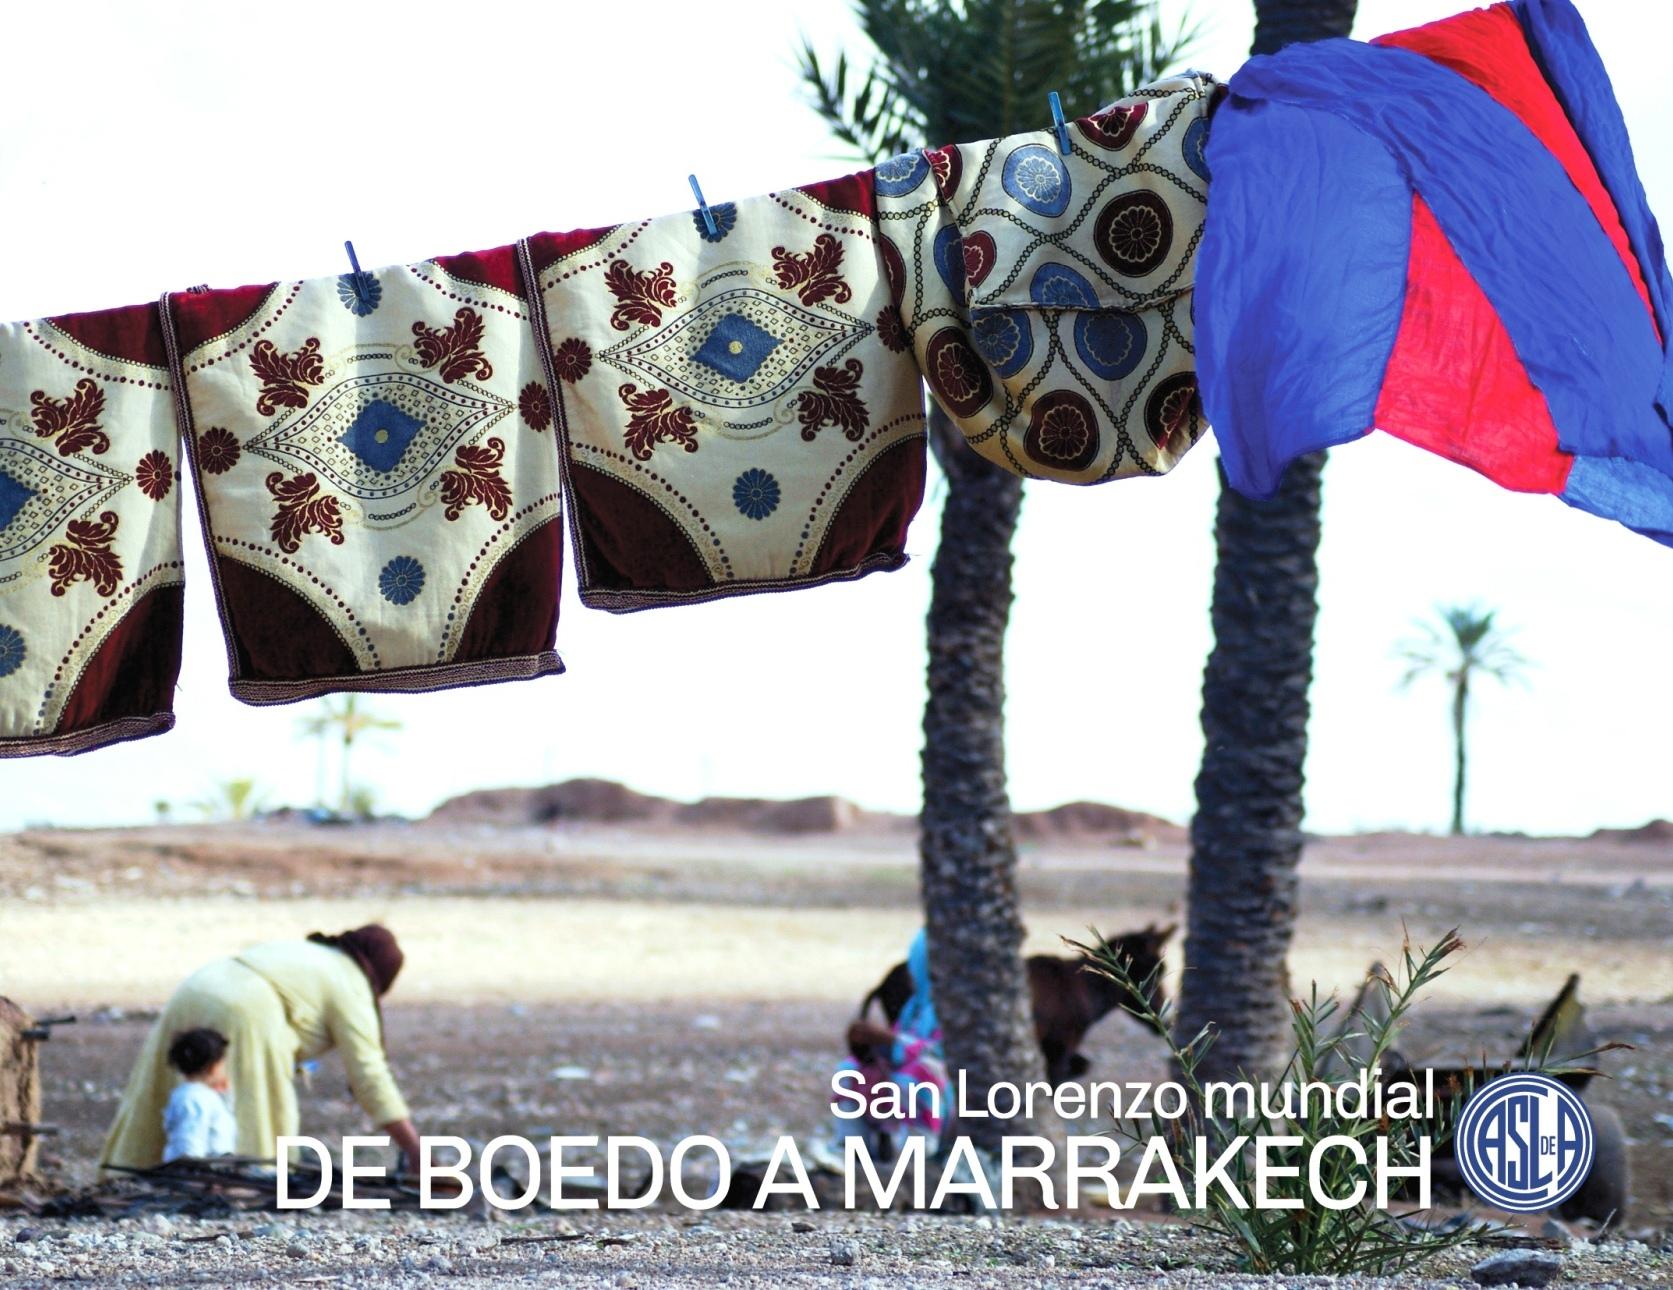 De Boedo a Marrakech!